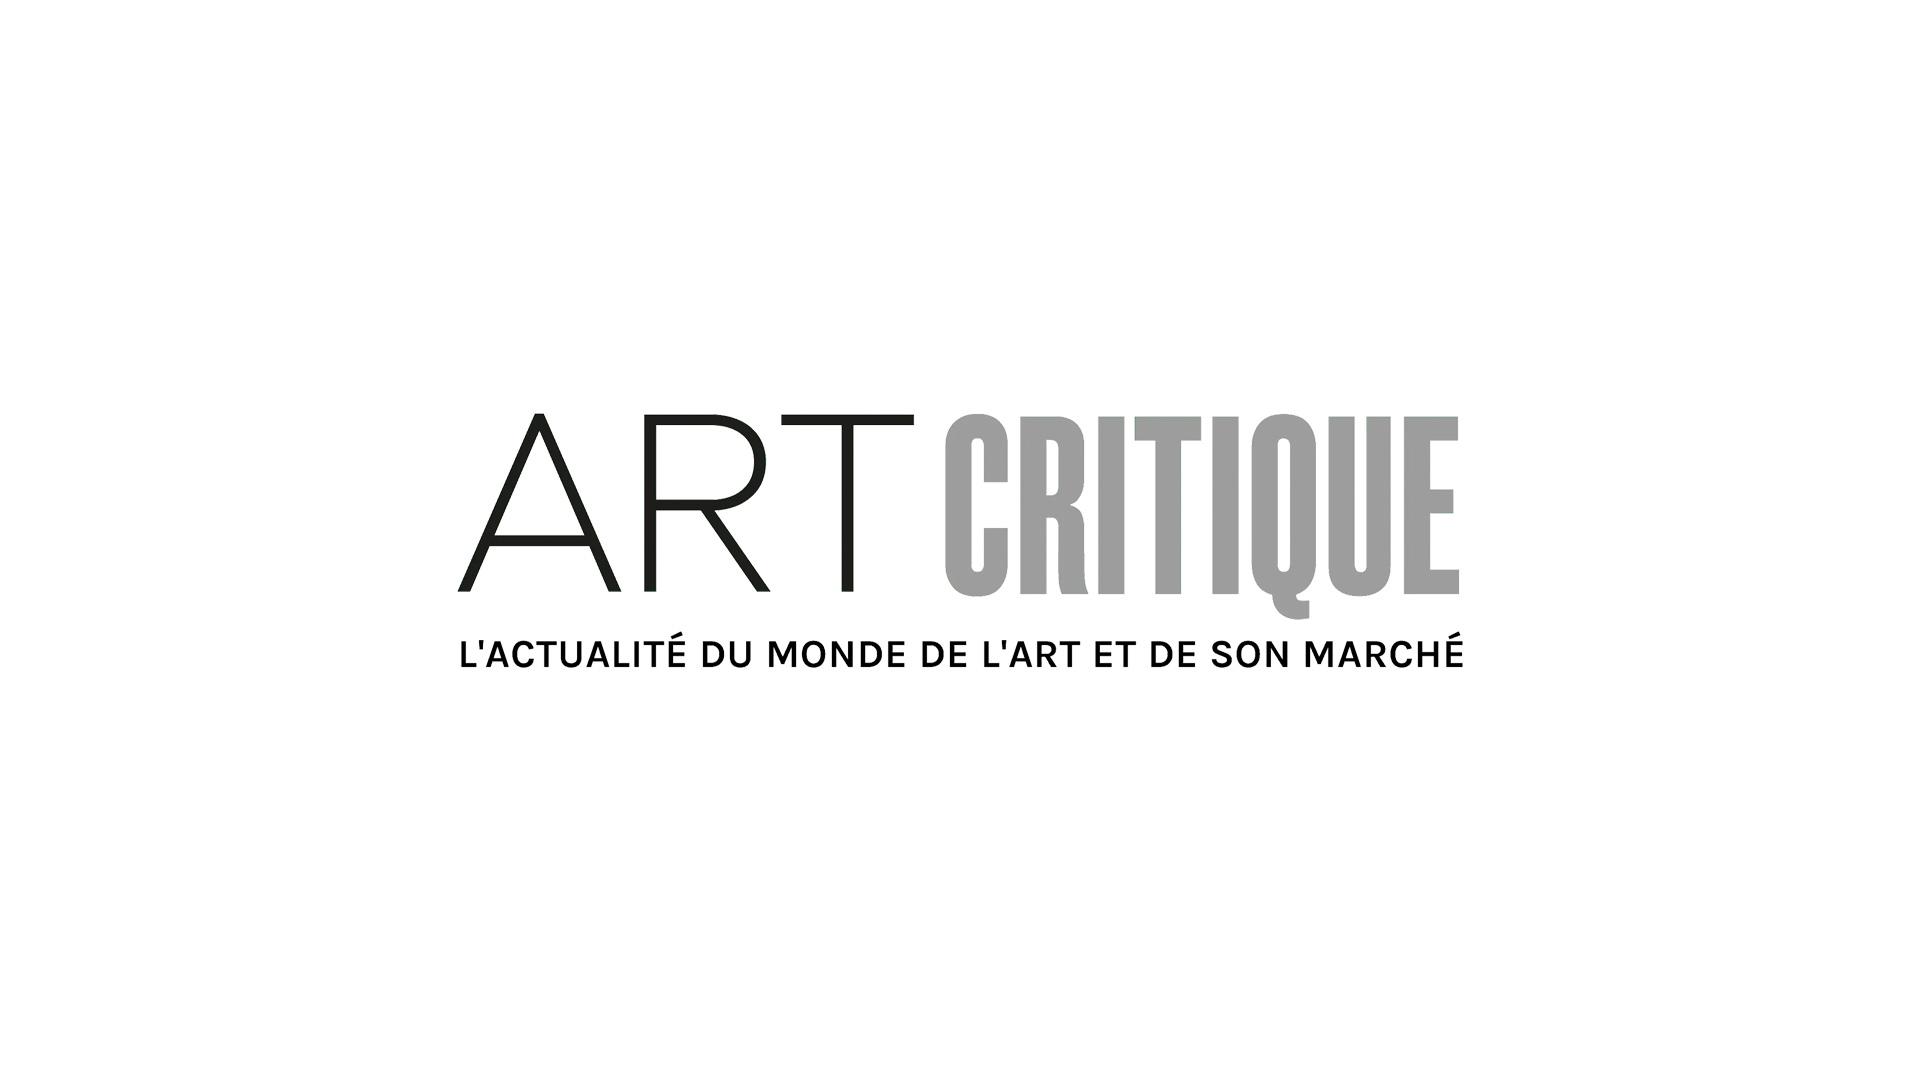 Le nouveau coup de génie de Banksy